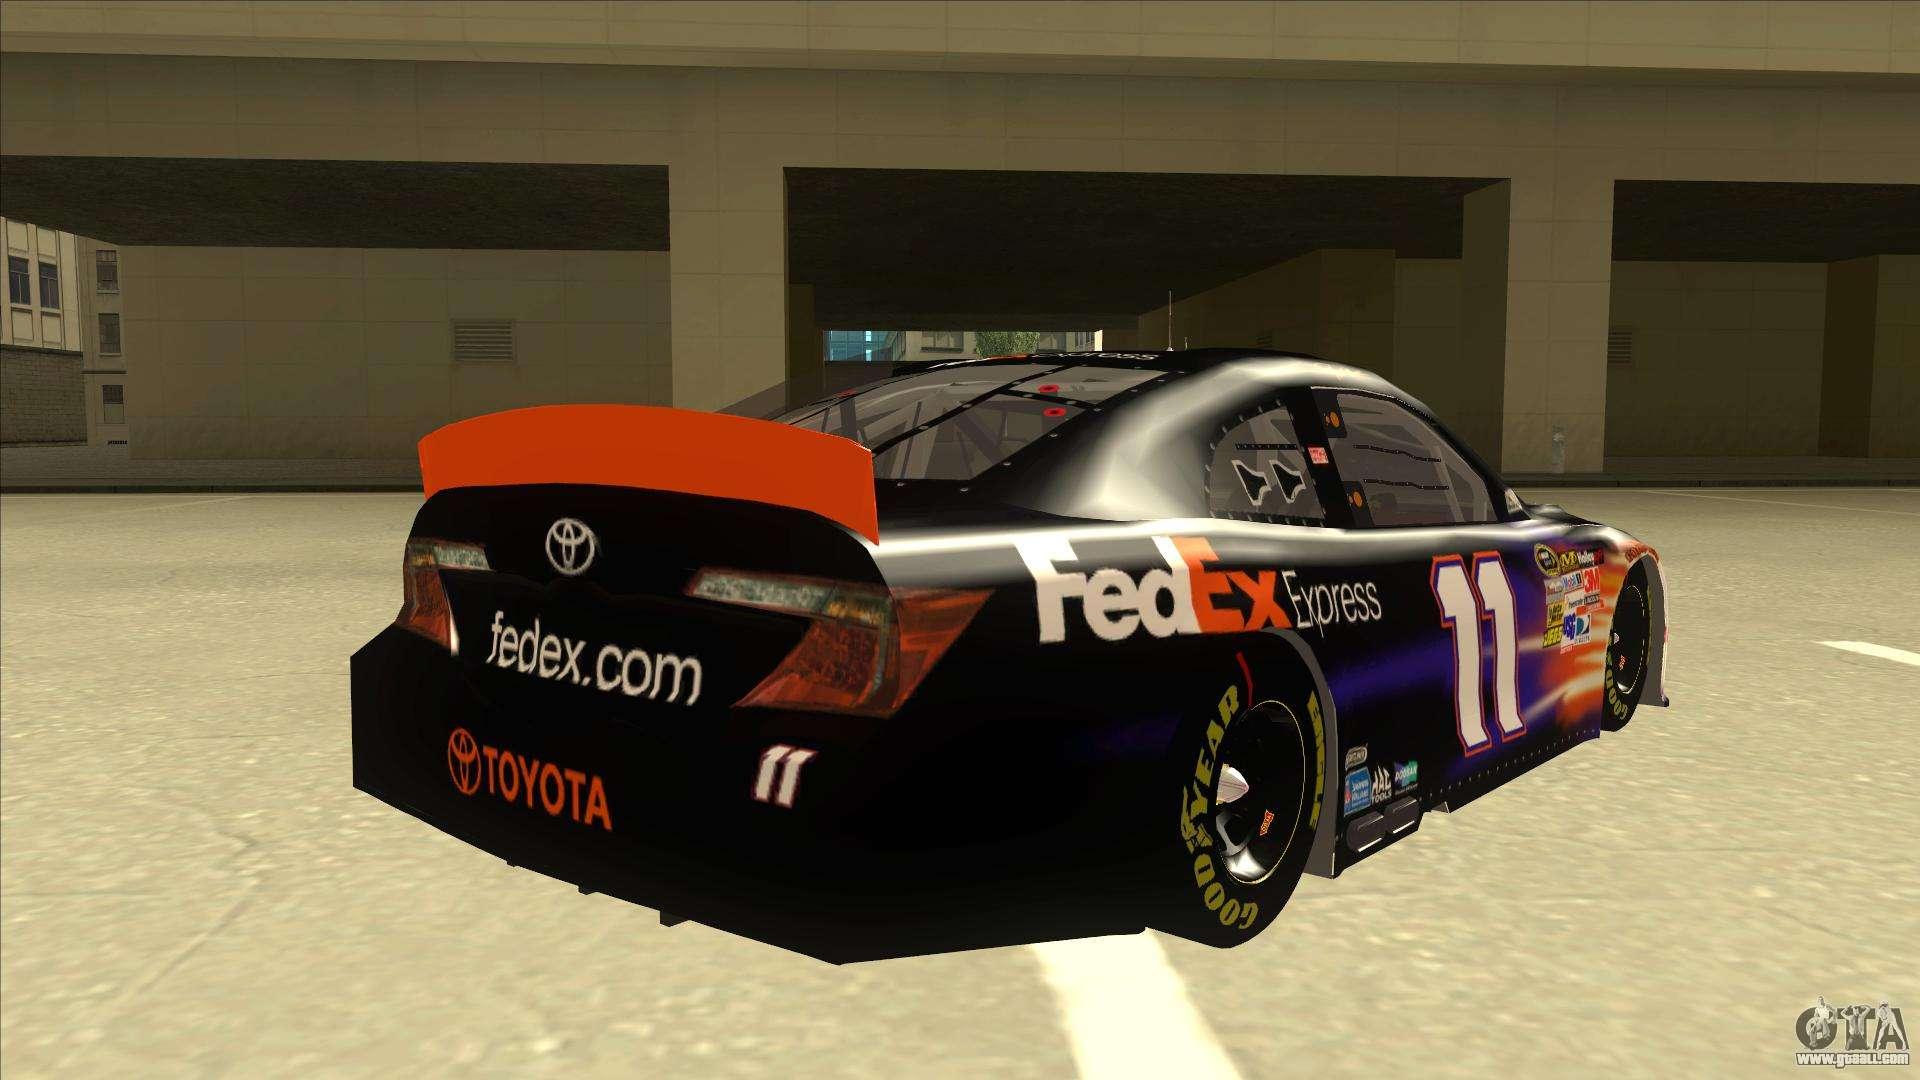 Toyota Camry Nascar No 11 Fedex Express For Gta San Andreas